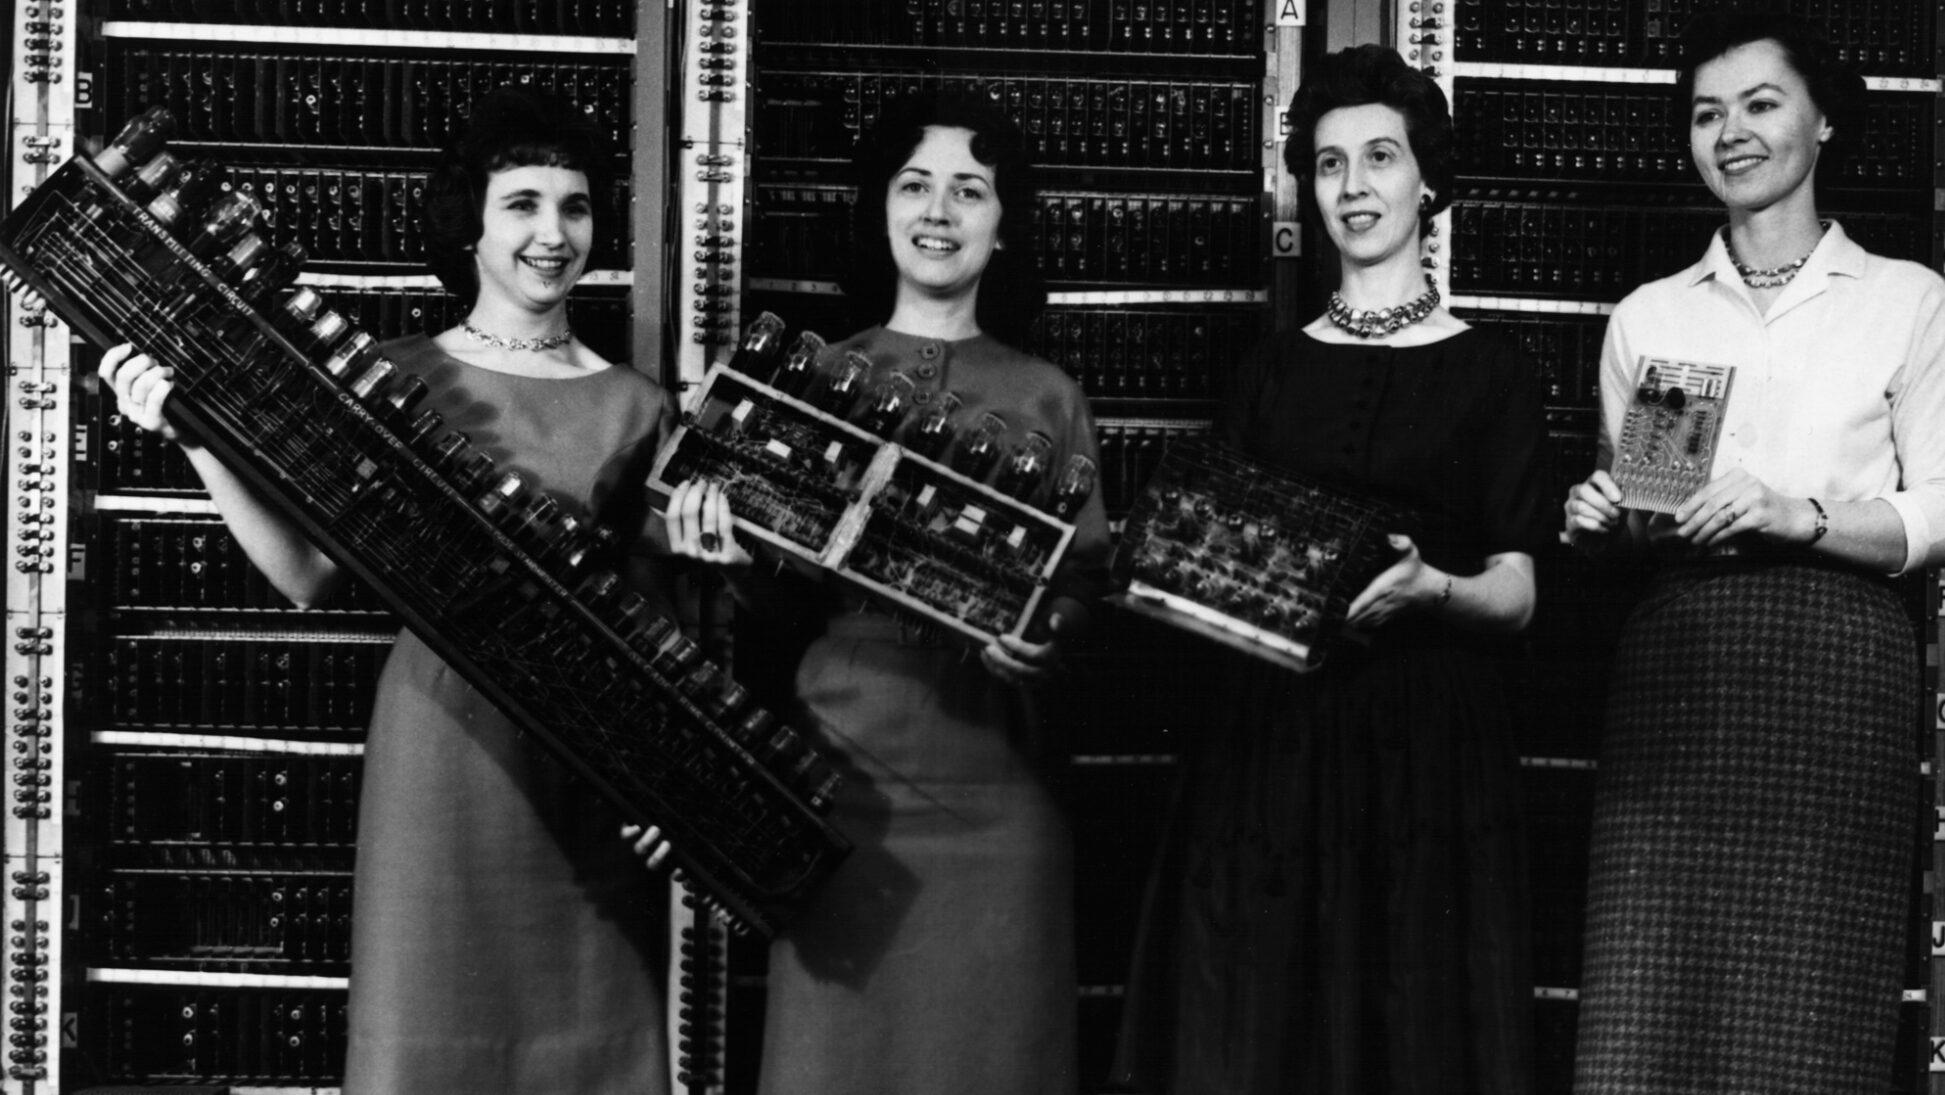 Il ruolo dimenticato delle donne nella storia dell'informatica